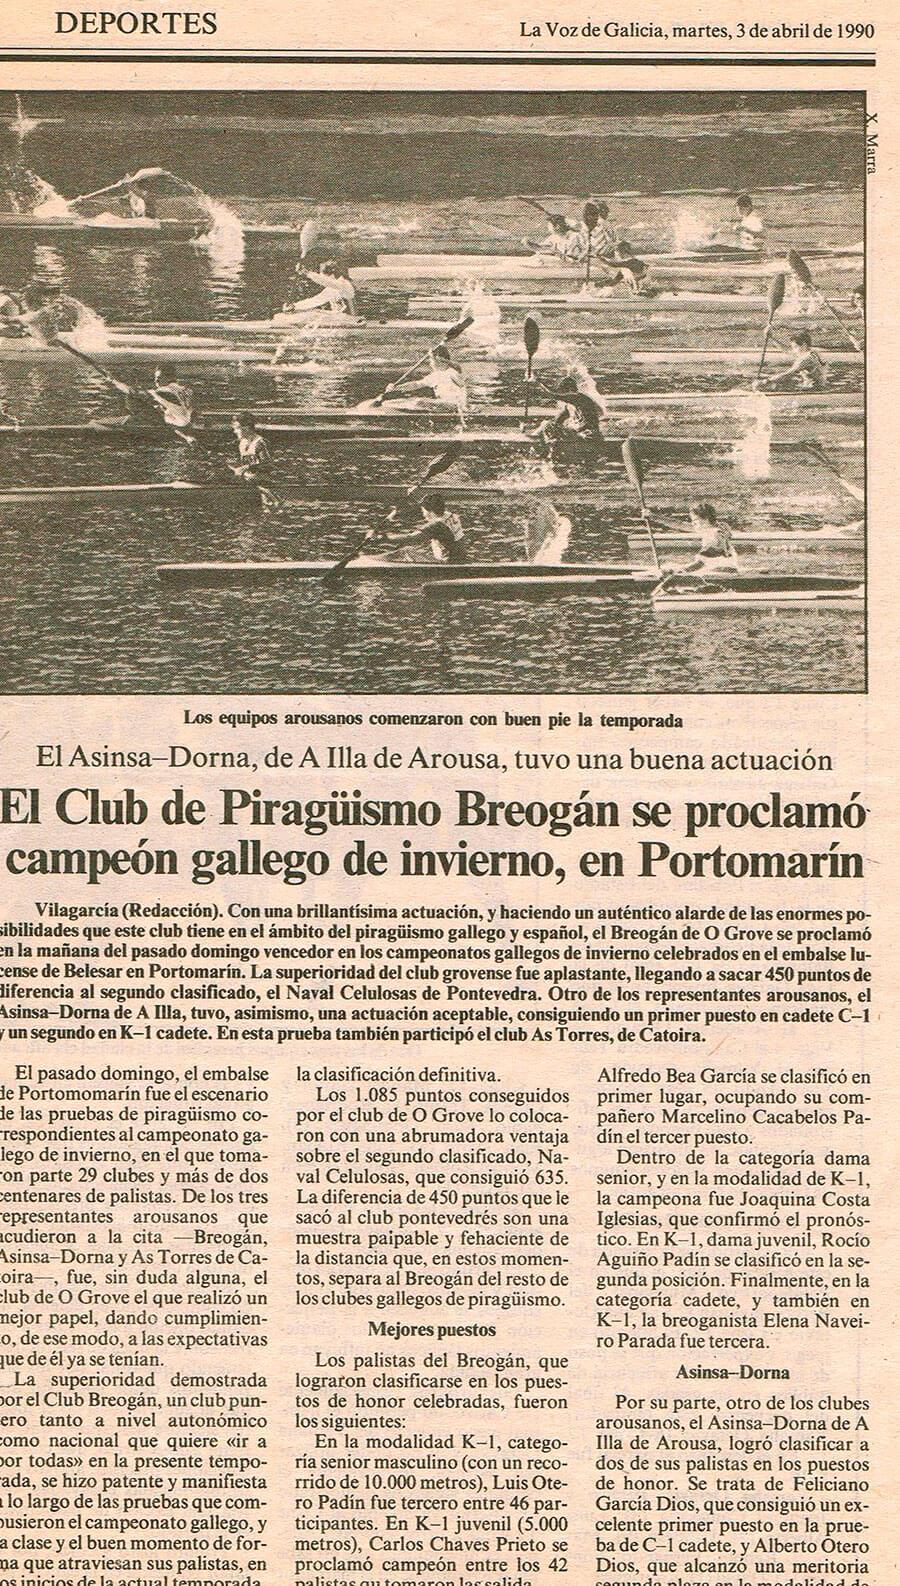 Prensa El Club de Piragüismo Breogán se proclamó campeón de invierno, en Portomarín